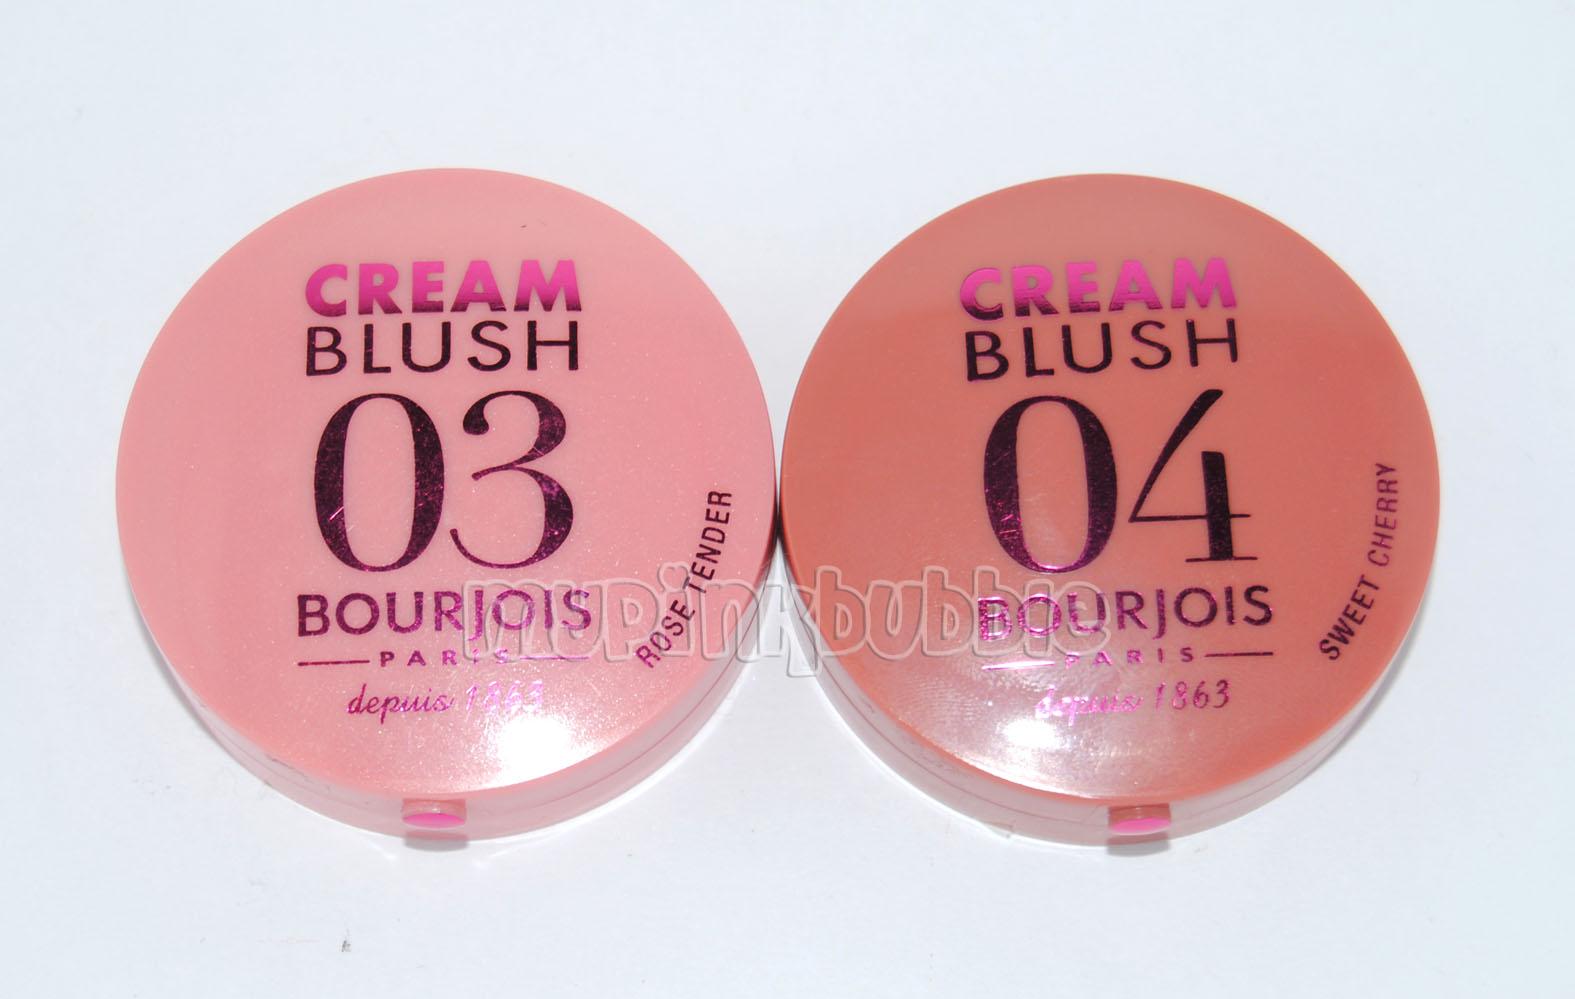 Cream blush bourjois